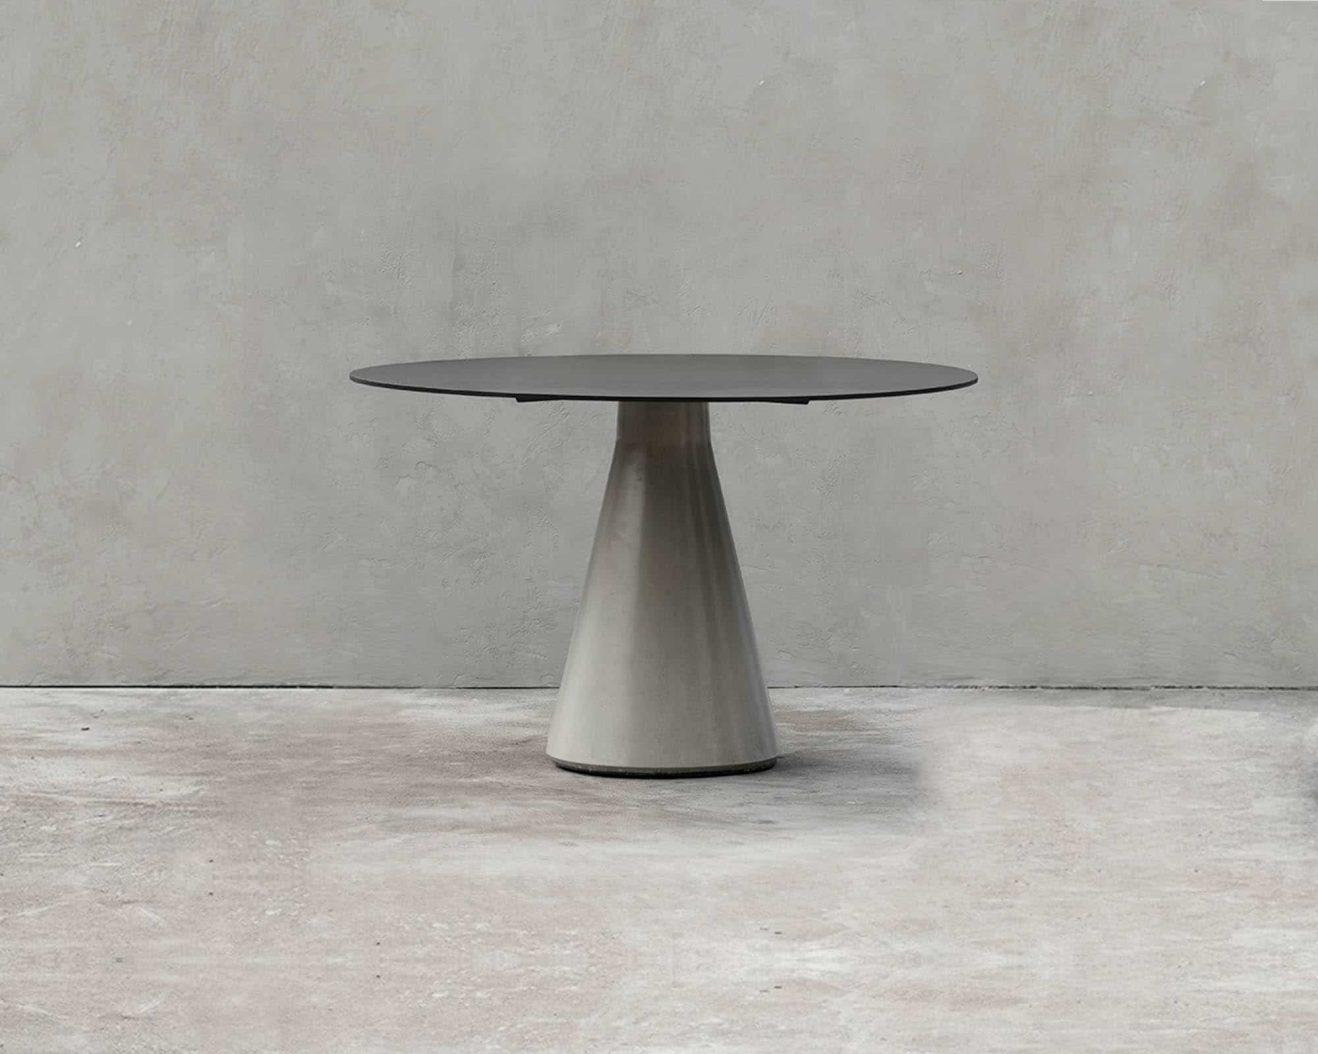 Bentu-Design-Ding-Round-Table